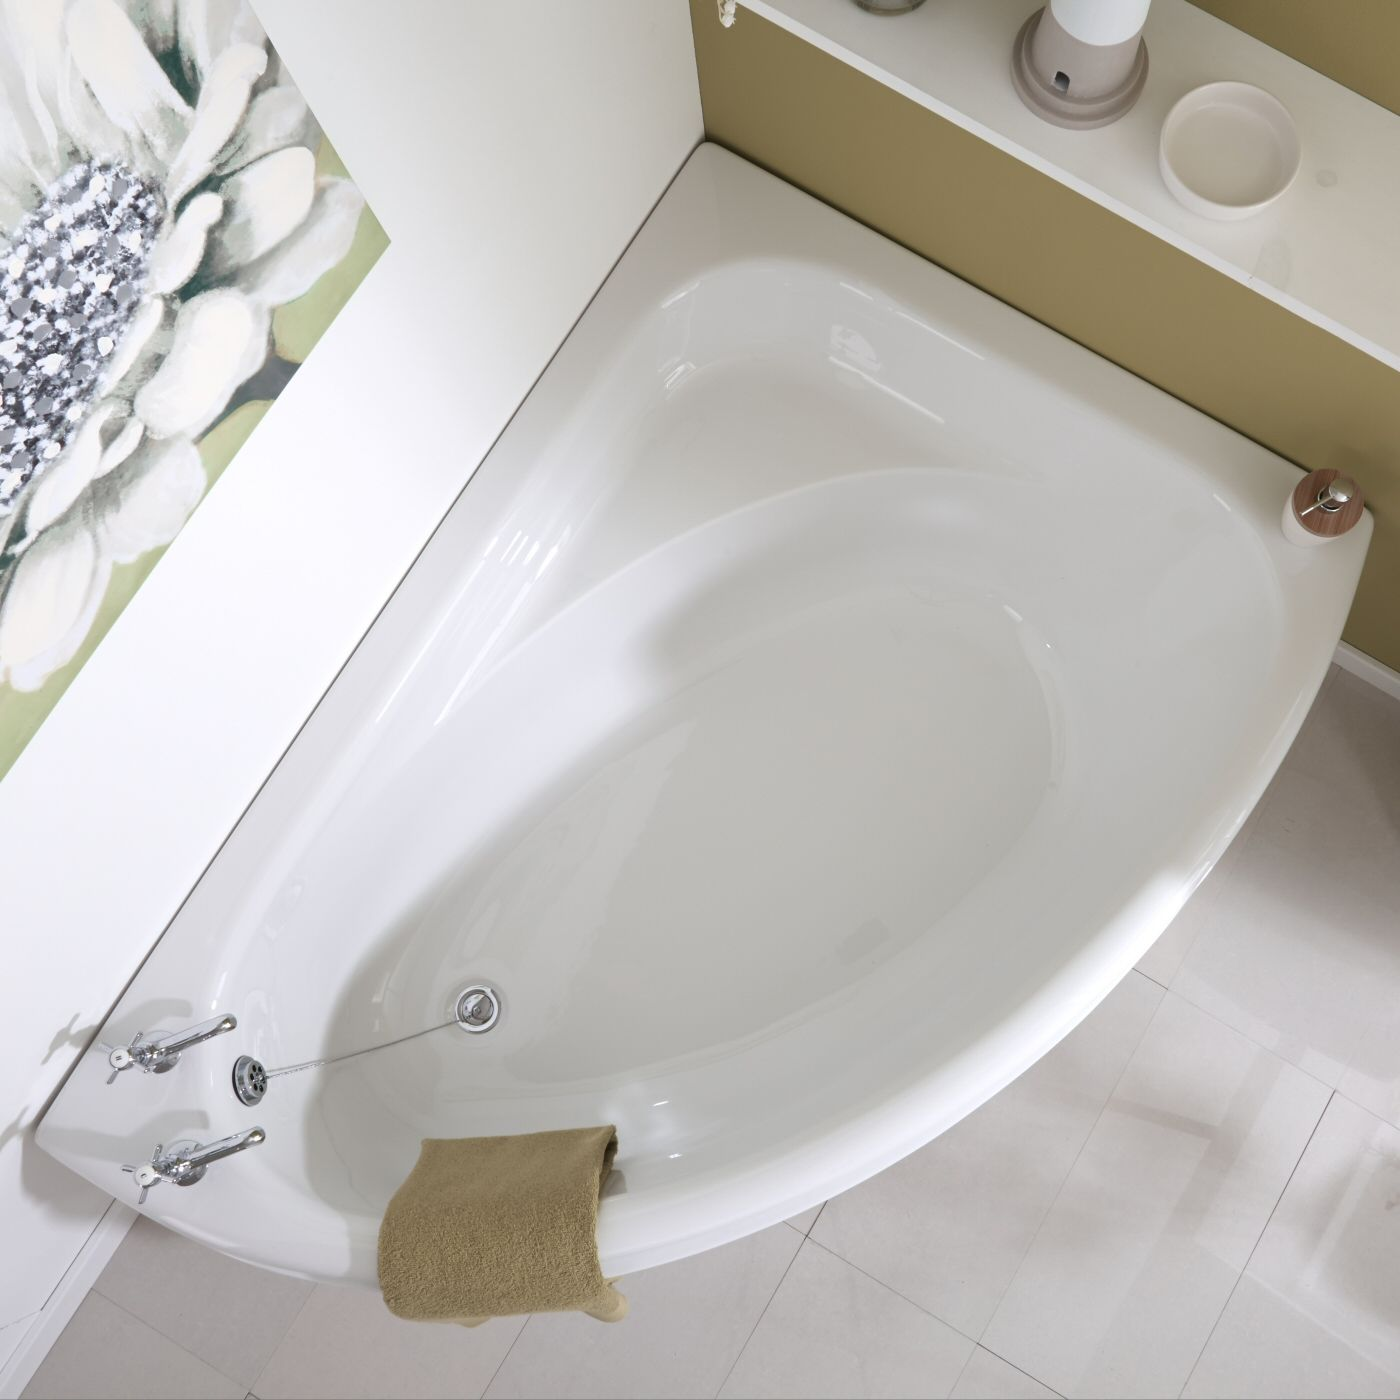 Vasca da Bagno 150x102cm in Acrilico Versione Angolare Destra con ...